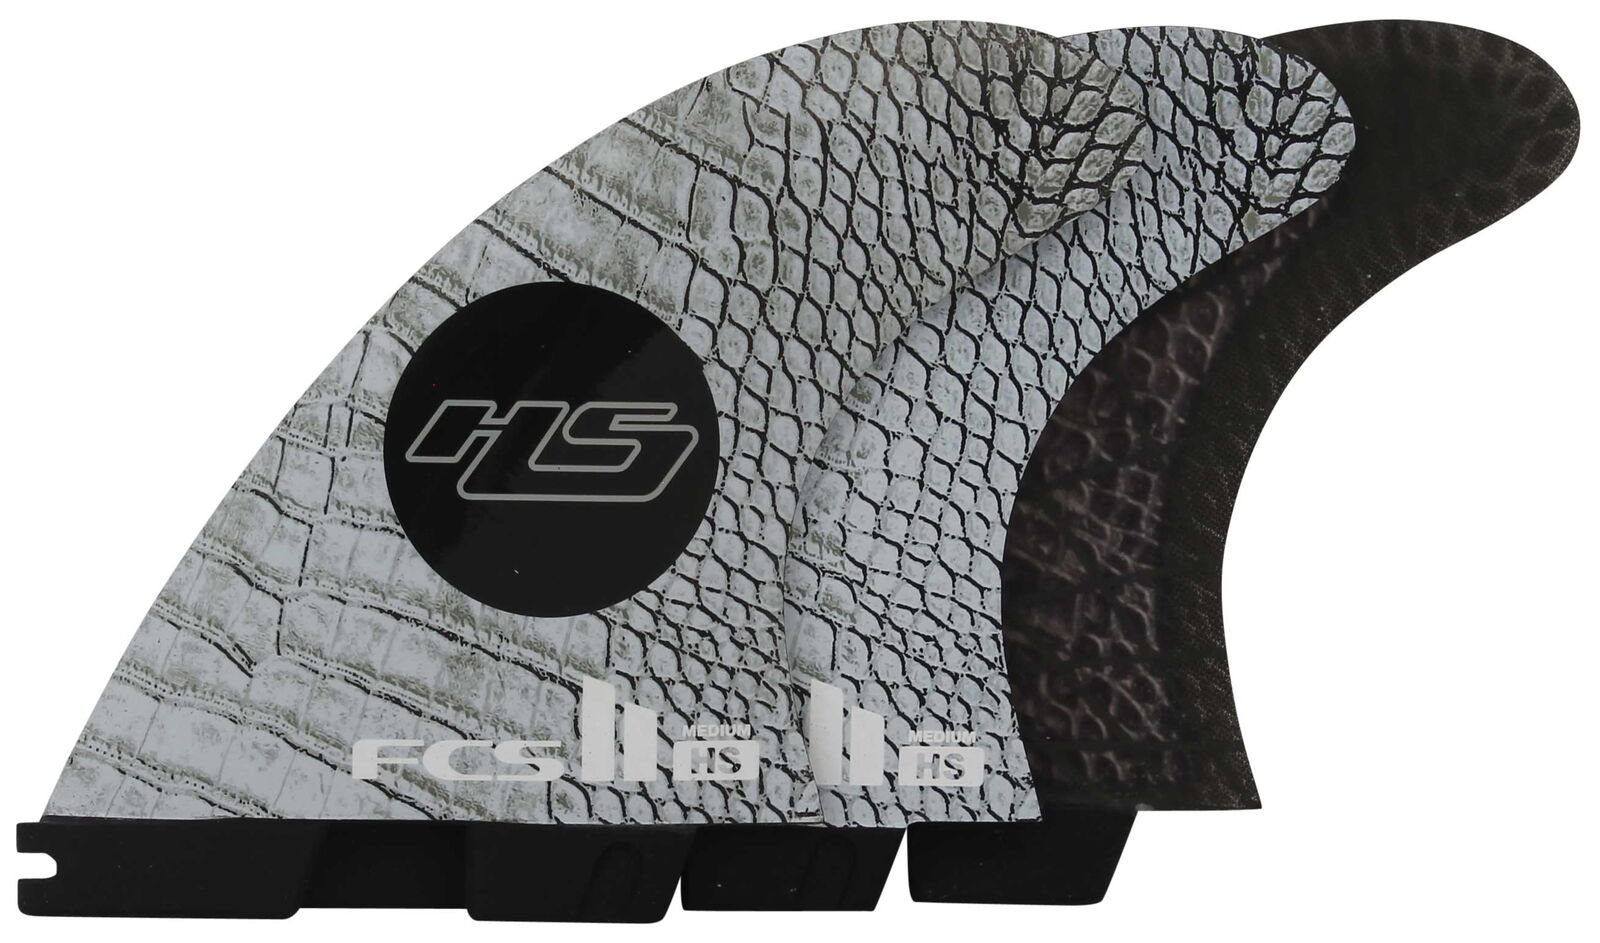 FCS II HS Performance Core Carbon Tri Fin Set - Medium - New